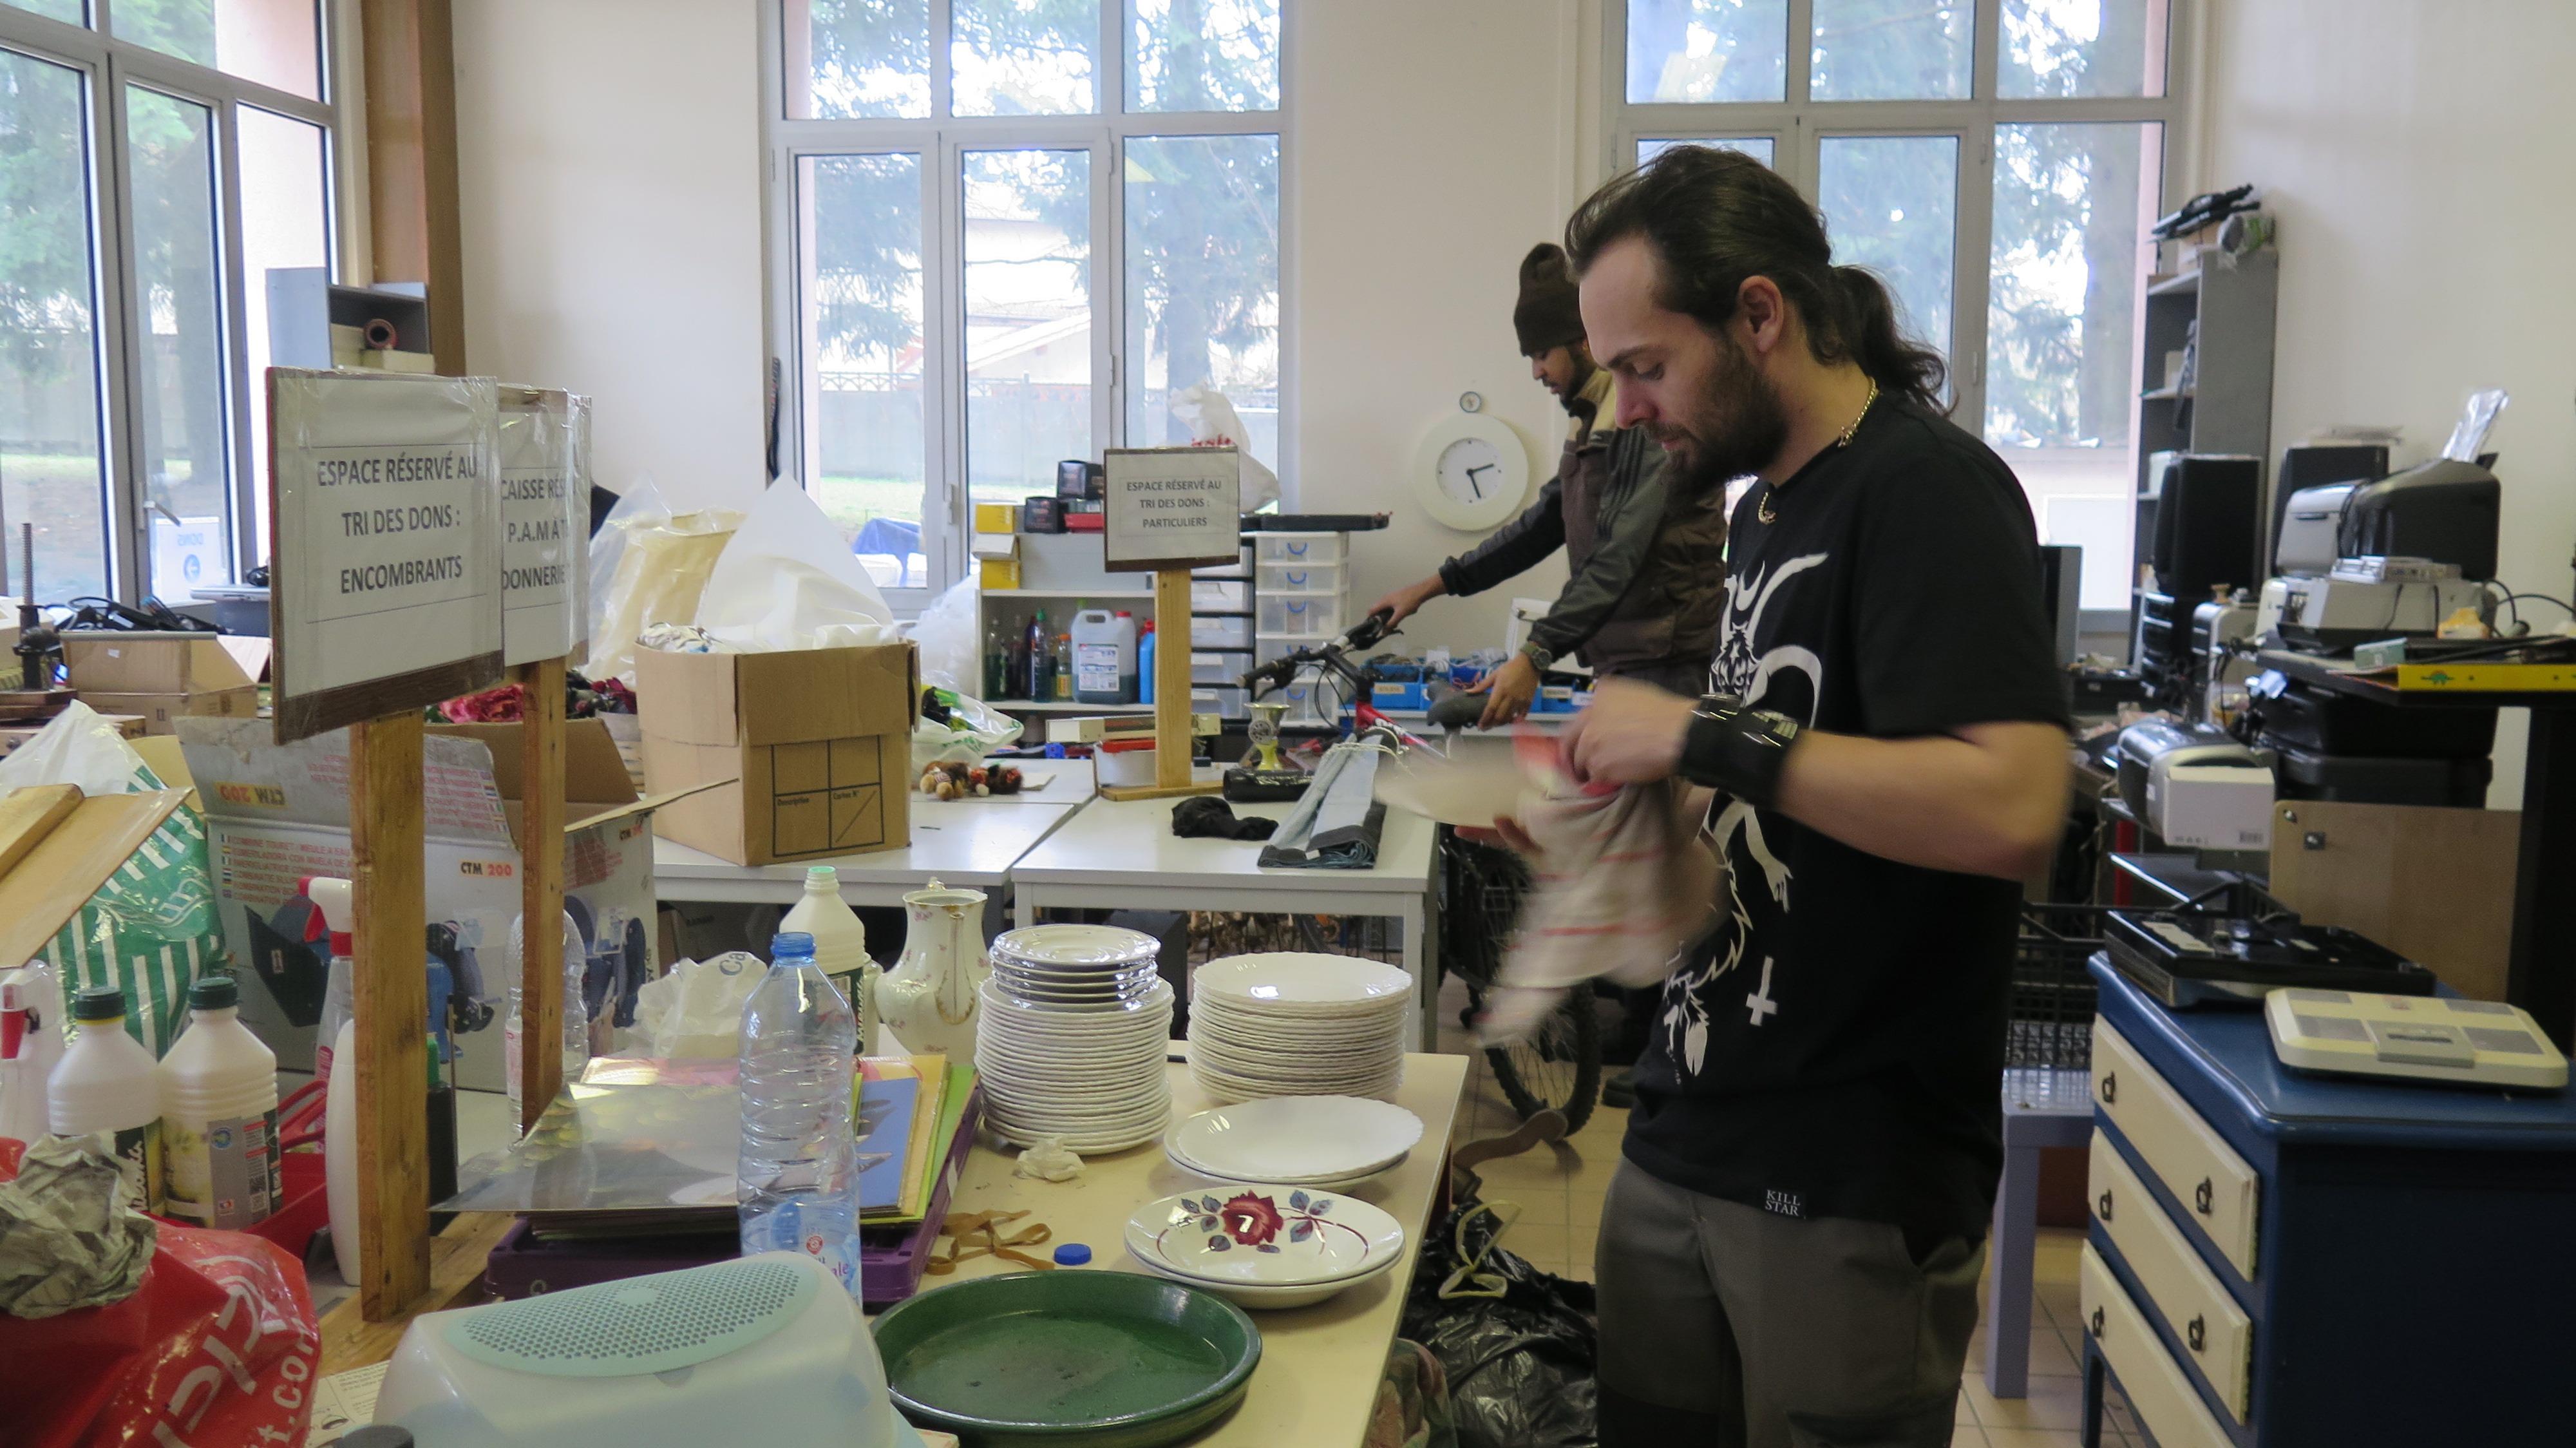 recyclerie rillieux-la-pape